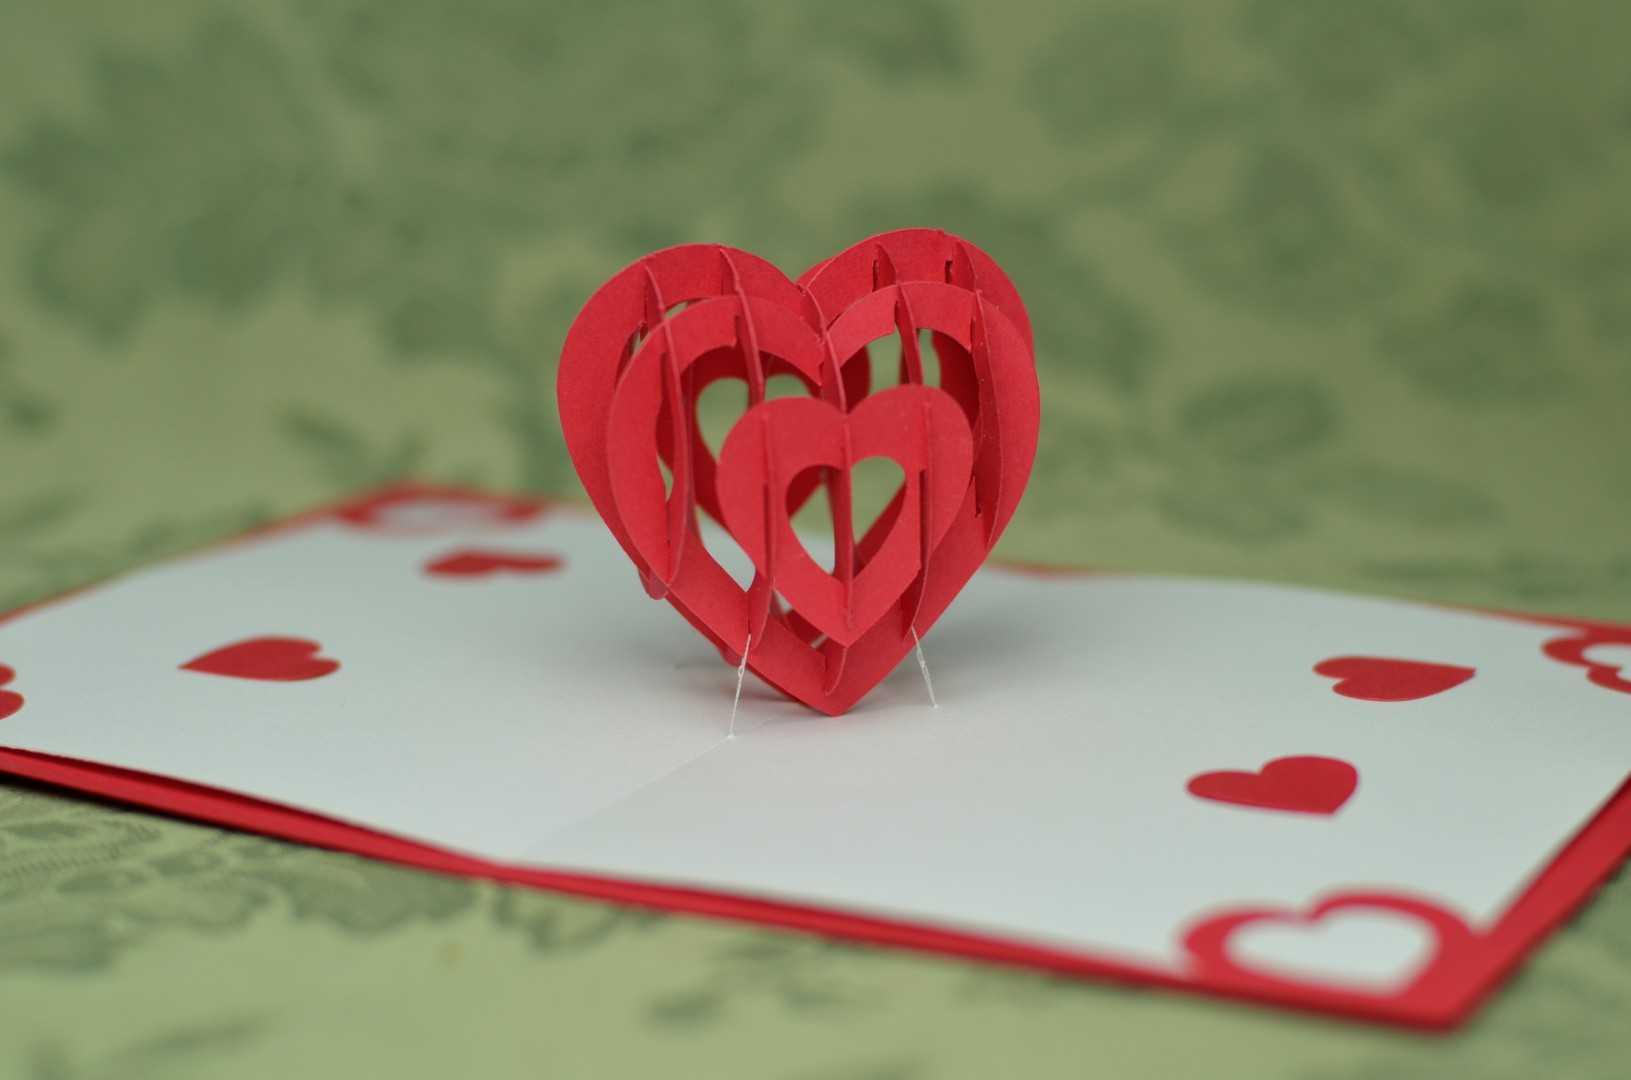 3D Heart Pop Up Card Template With 3D Heart Pop Up Card Template Pdf